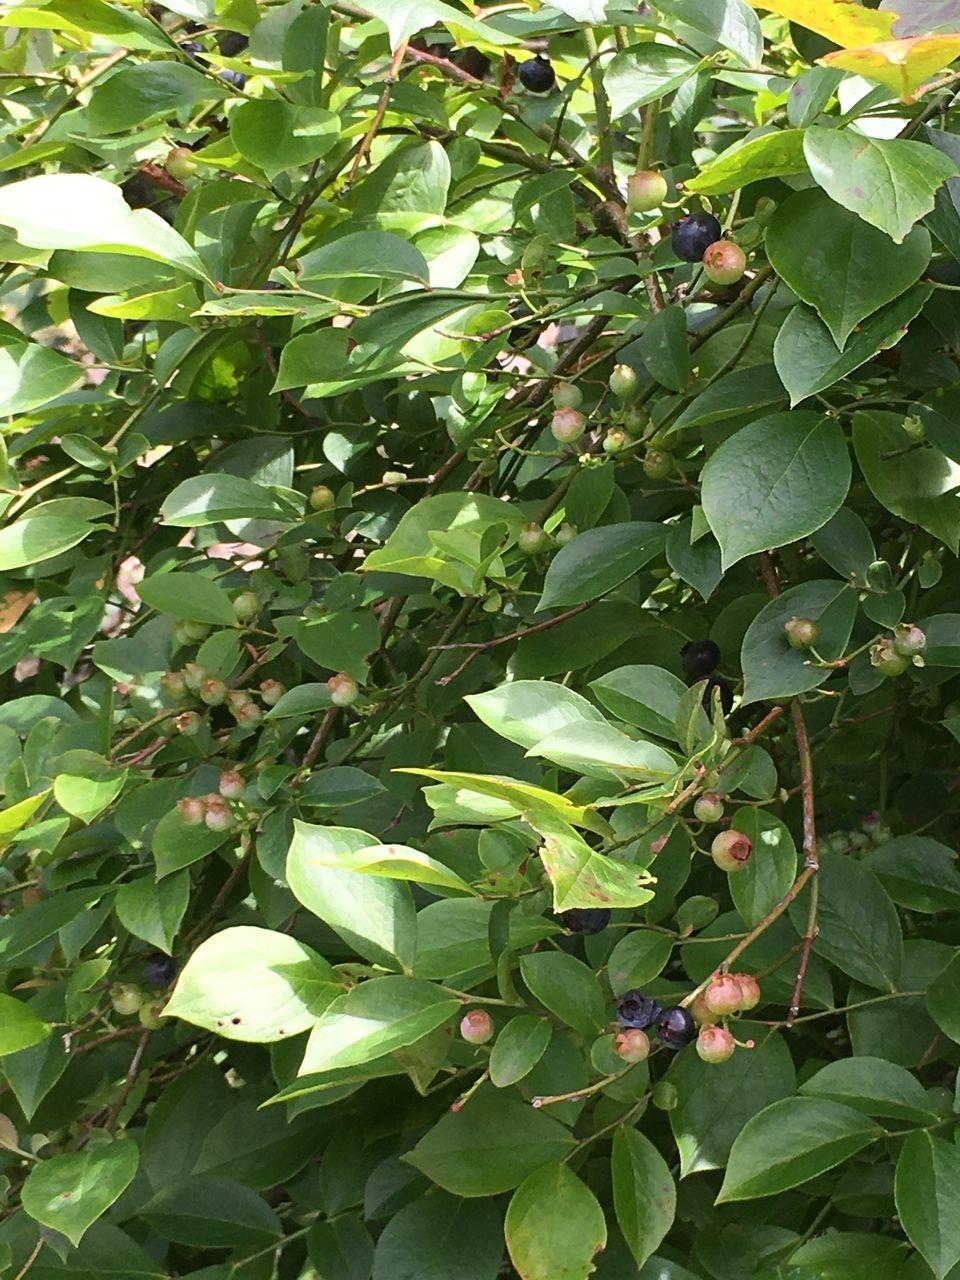 熊本県阿蘇郡南阿蘇村今年もブルーベリーの実がかなり熟れてきました。